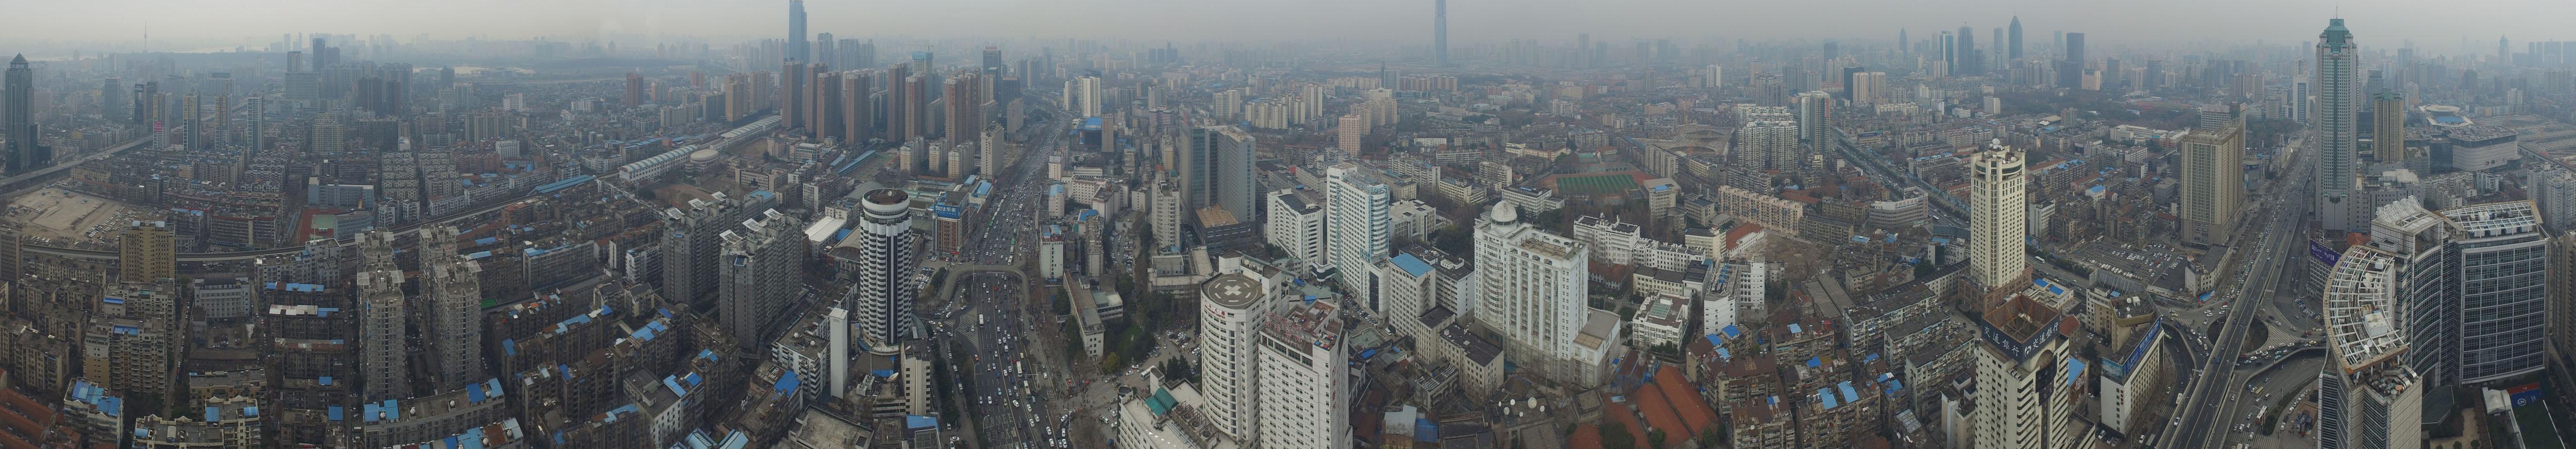 武汉汉口航空路全景